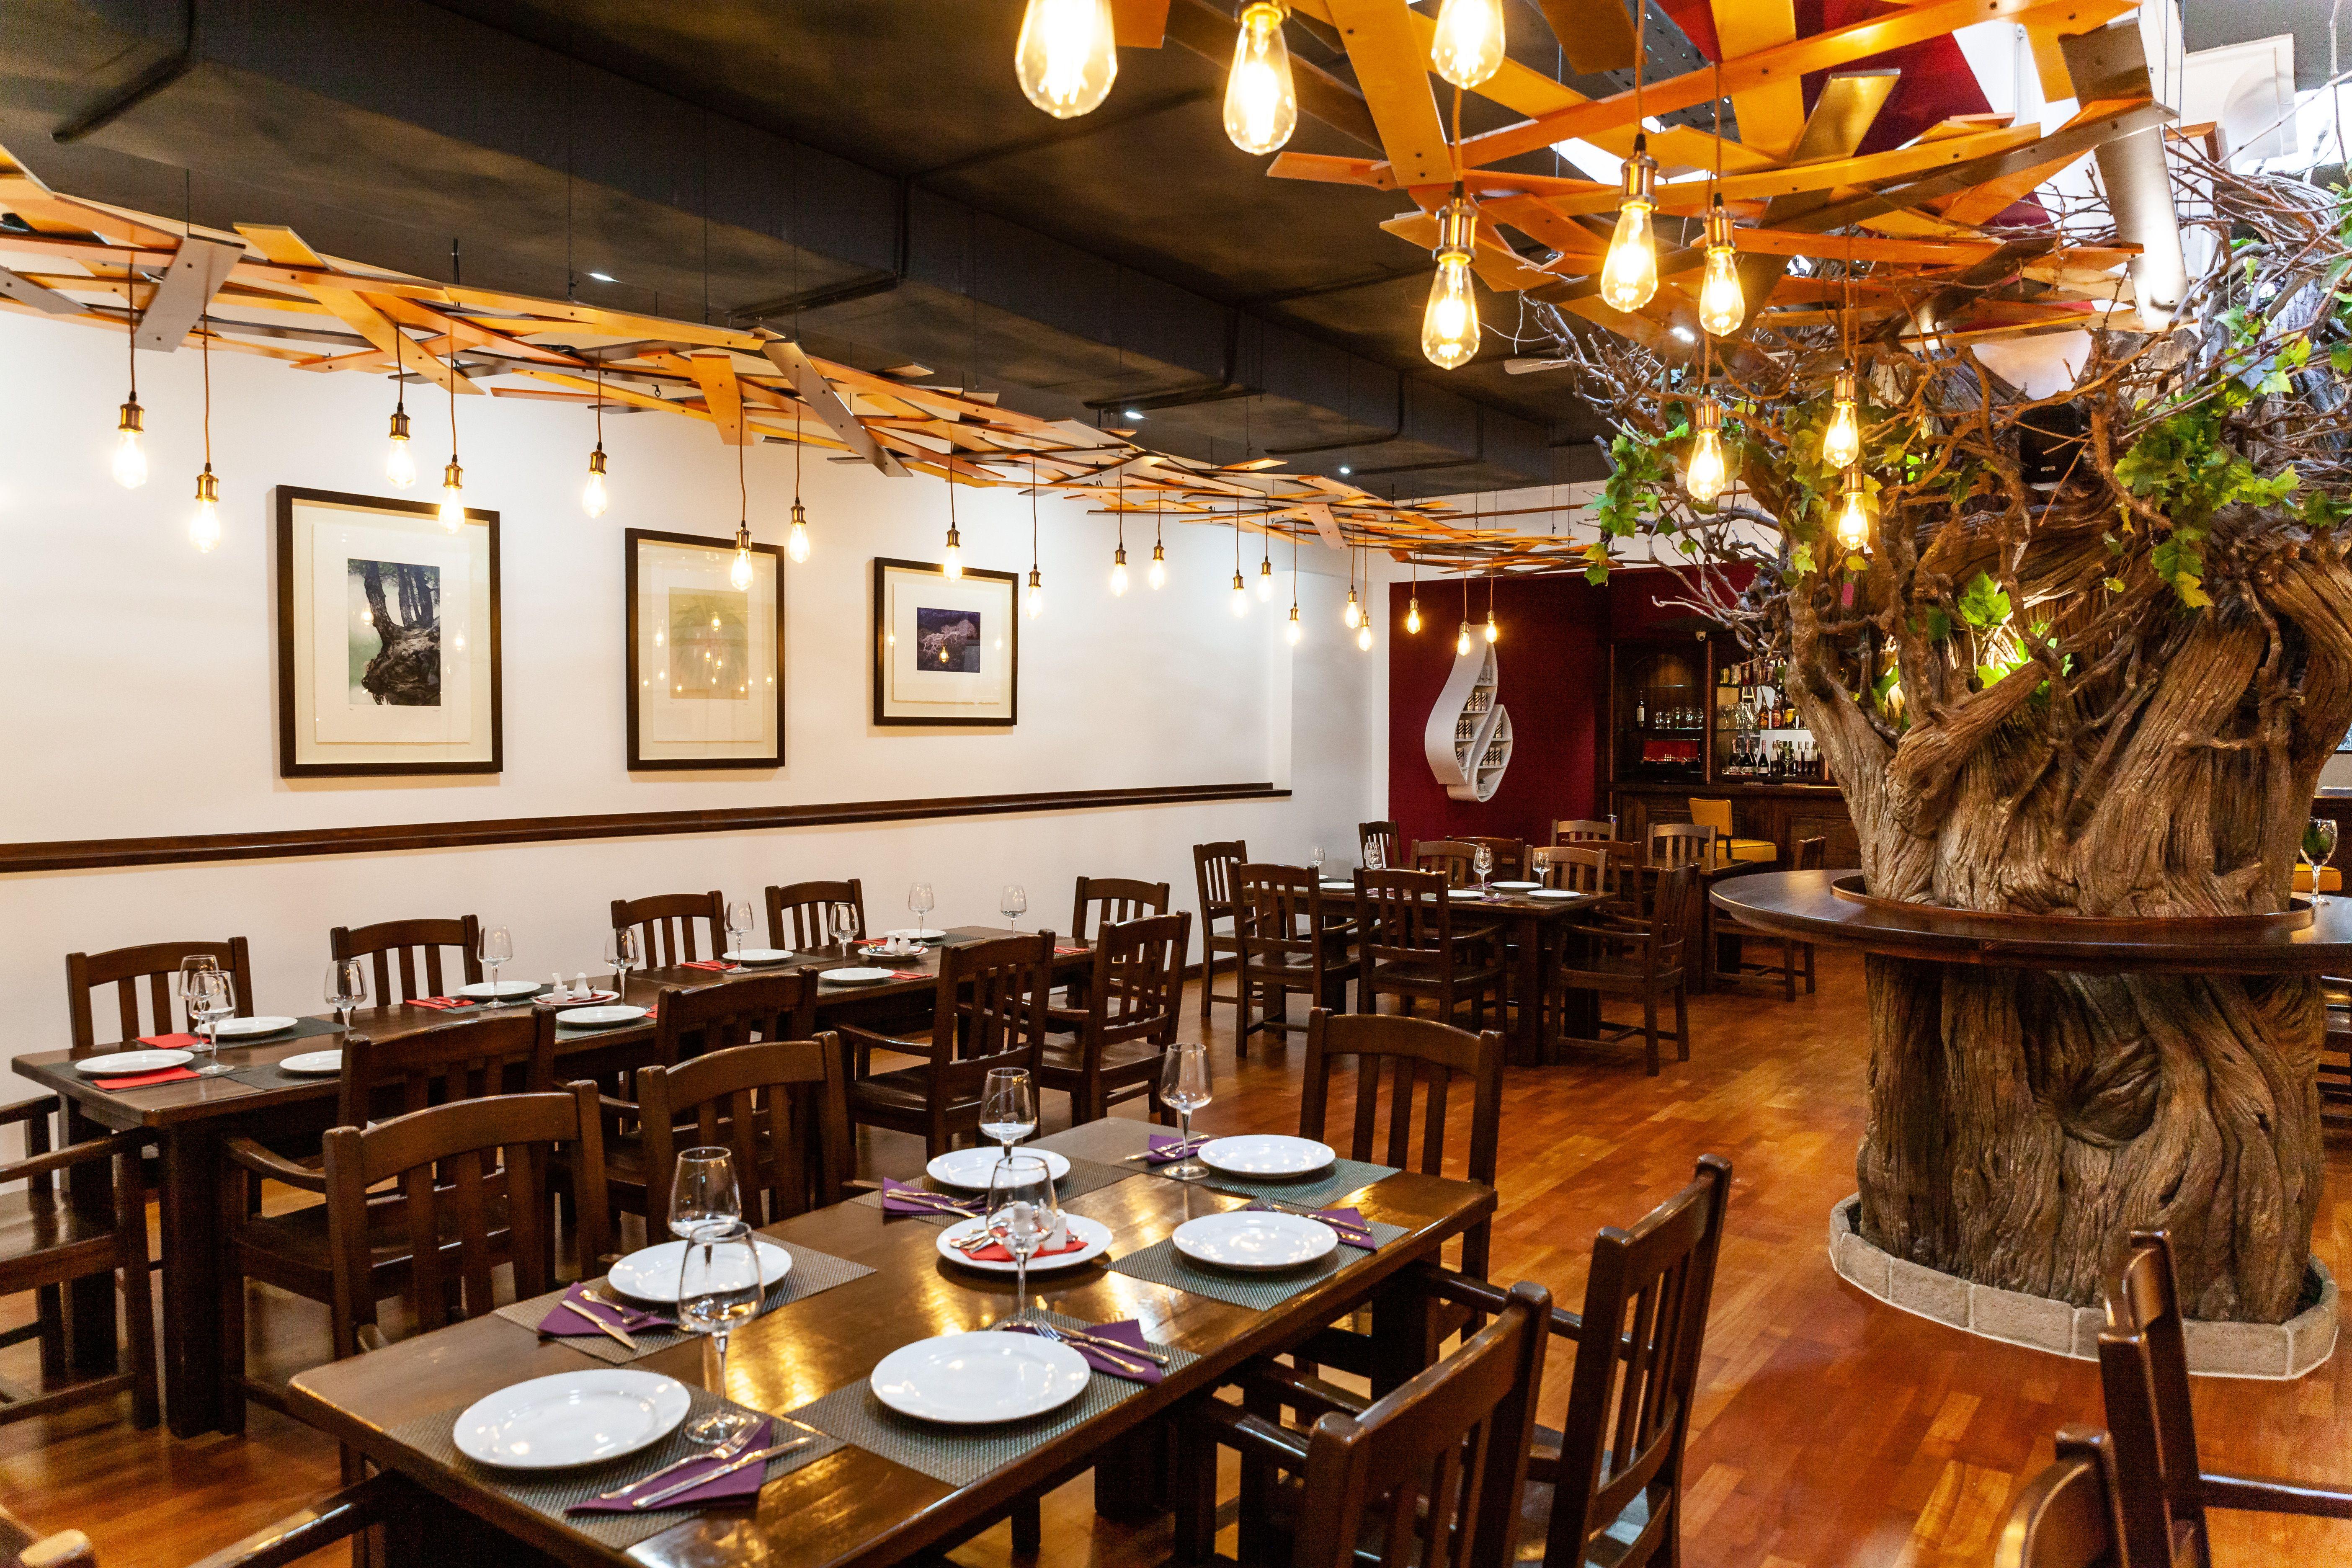 Foto 4 de Cocina canaria en La Orotava | Restaurante Bodegón Tapias